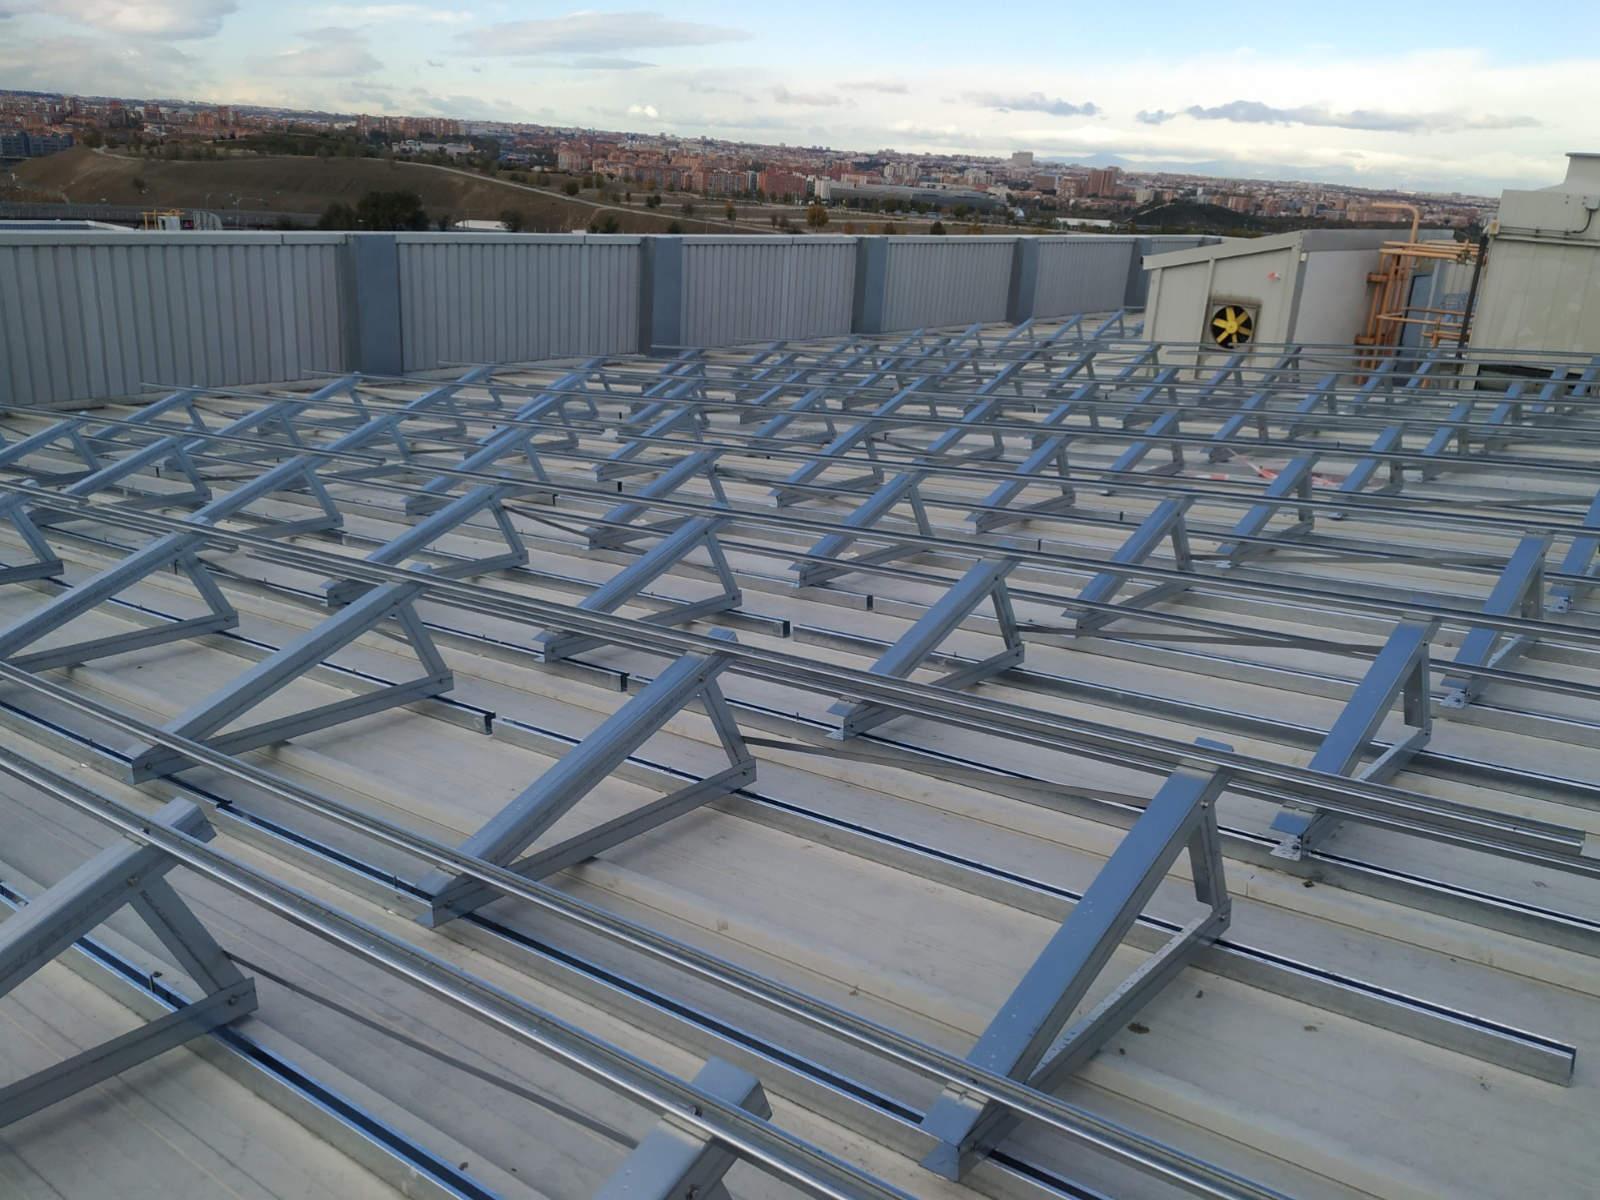 Estructuras fotovoltaicas de cubierta triangular